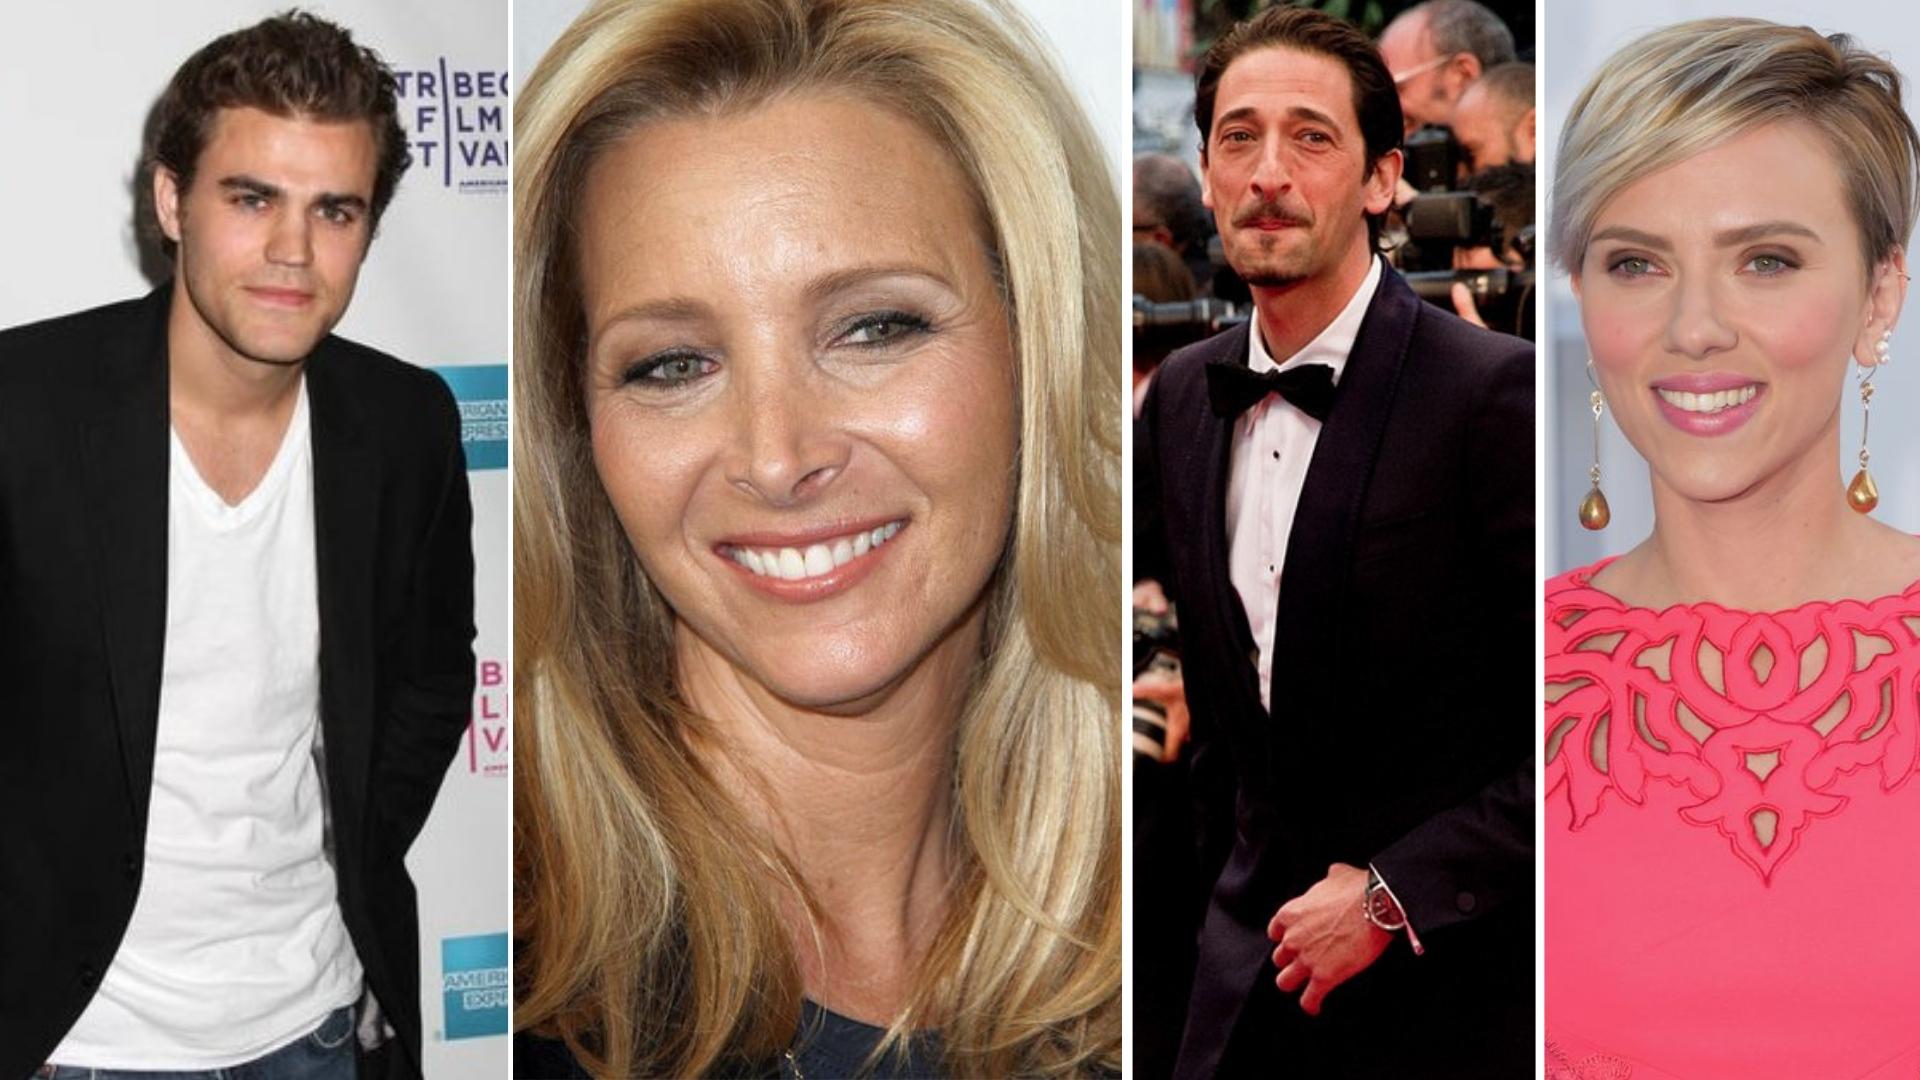 Gwiazdy Hollywood z polskimi korzeniami! Jest ich naprawdę sporo